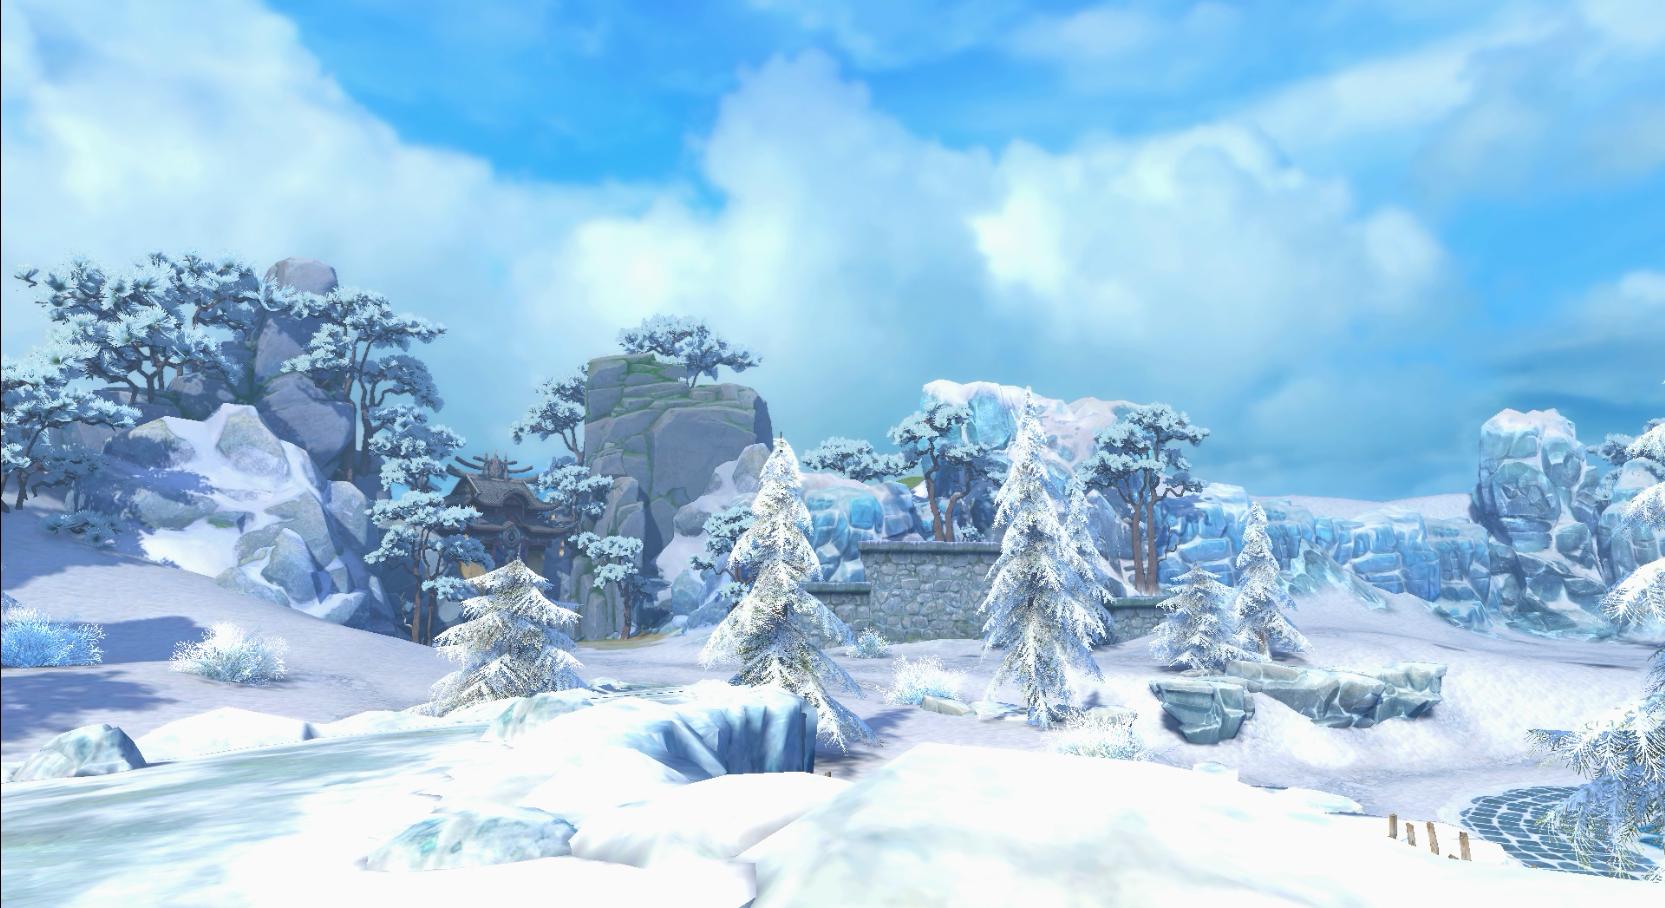 图片: 冬季.png